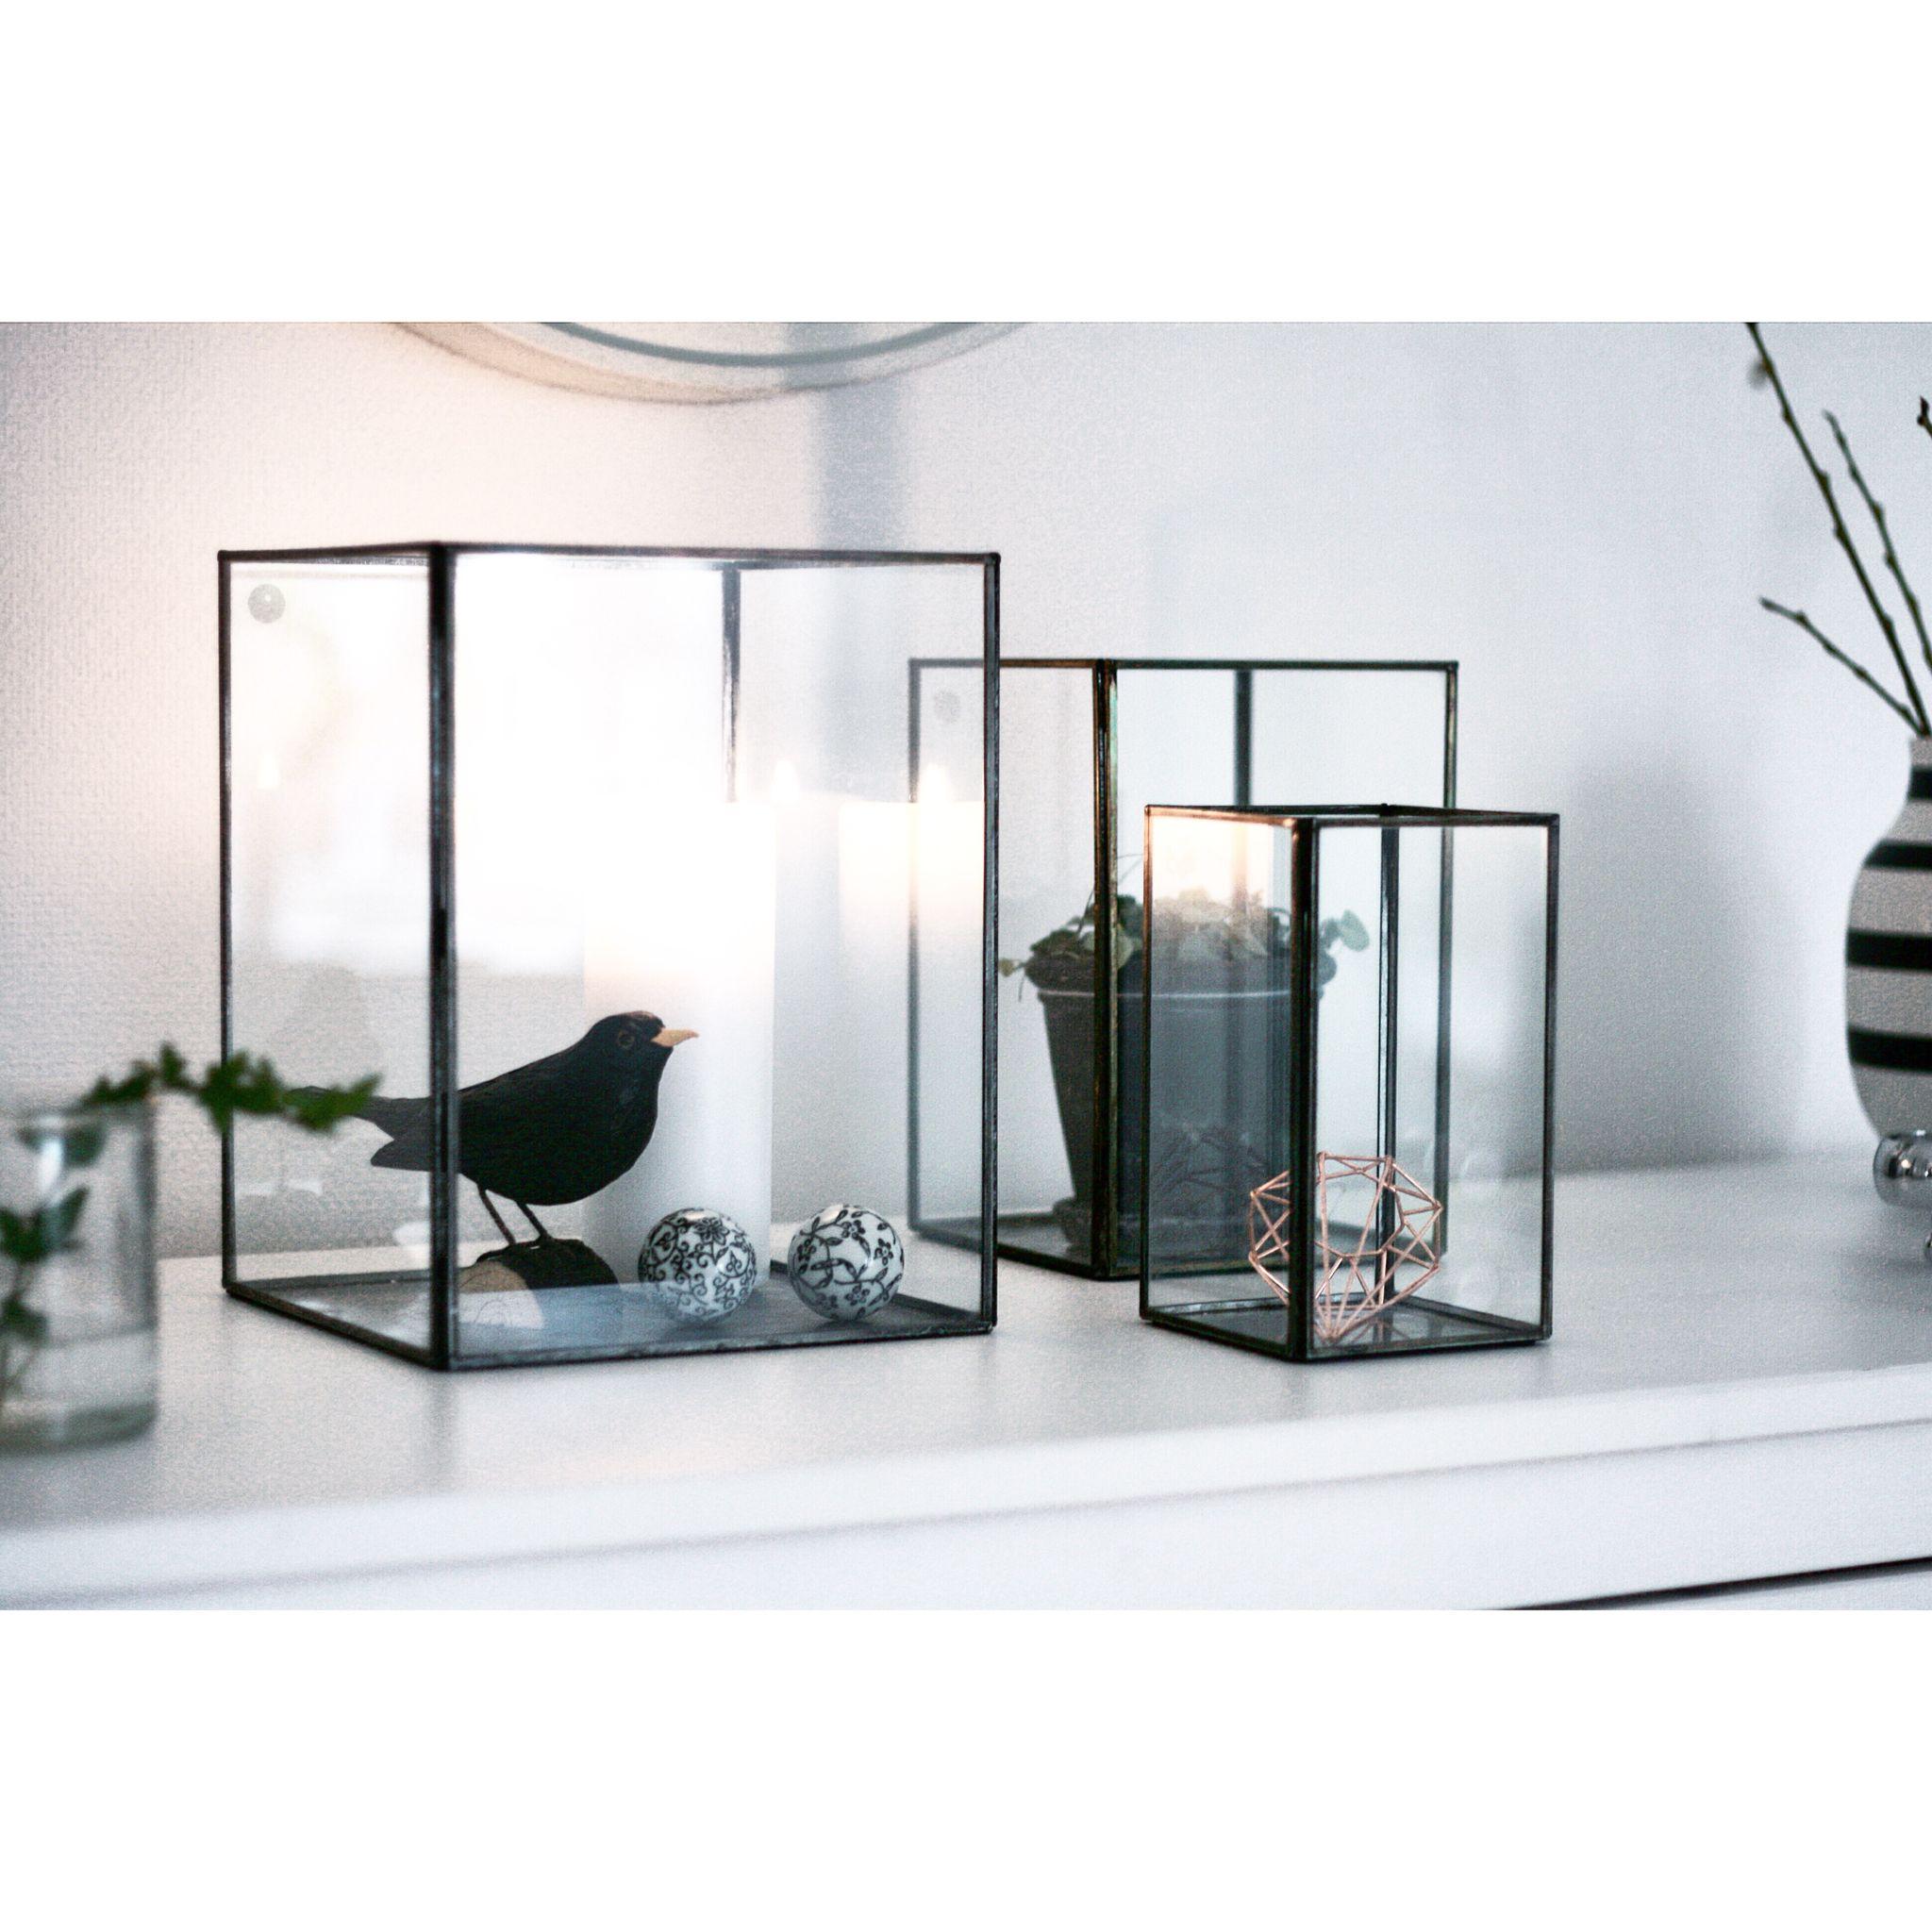 glass boxes my home pinterest deko einrichtung und wohnzimmer. Black Bedroom Furniture Sets. Home Design Ideas